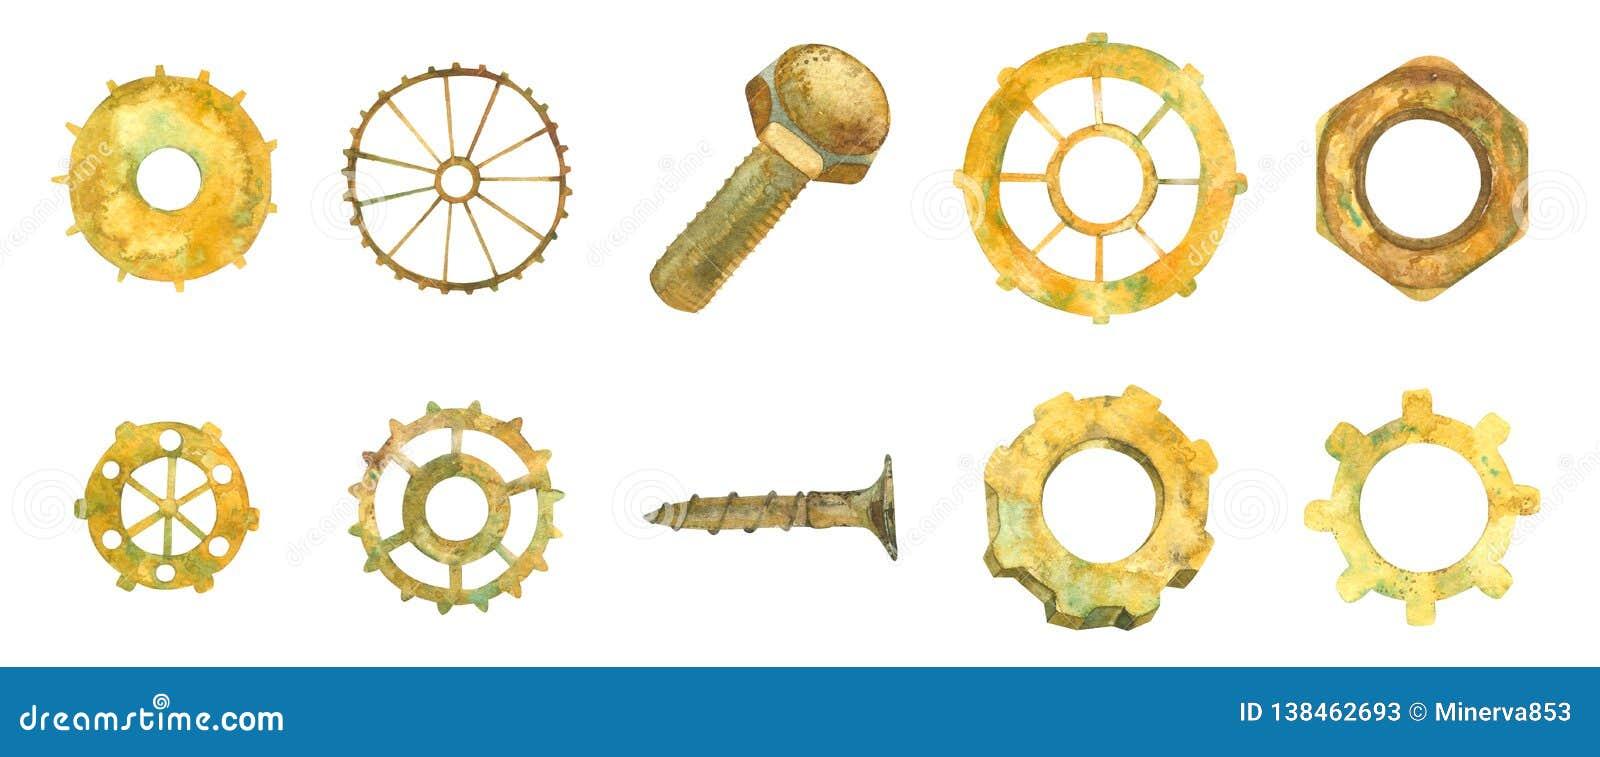 Engranaje Rueda de engranaje Negocios Hardware de la industria Ruedas oxidadas de Ellow, nueces, perno illustratio de la acuarela